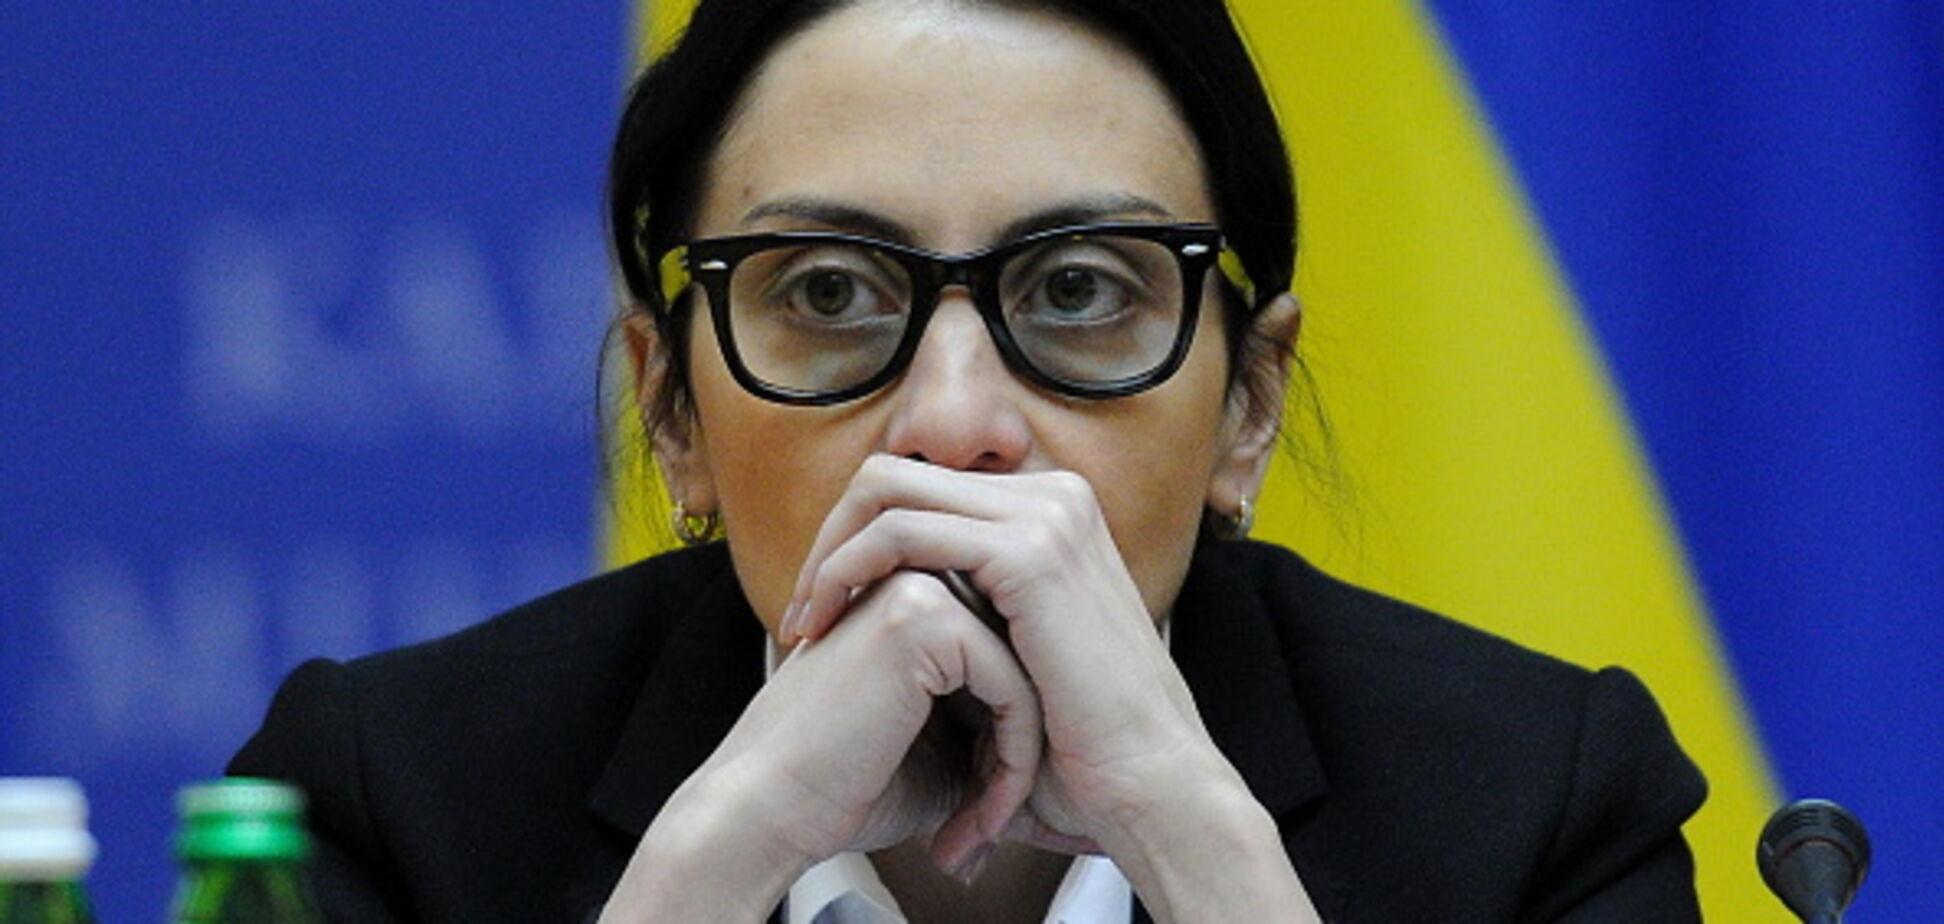 'Робила через ж*пу': Деканоїдзе 'розгромили' за реформу української поліції